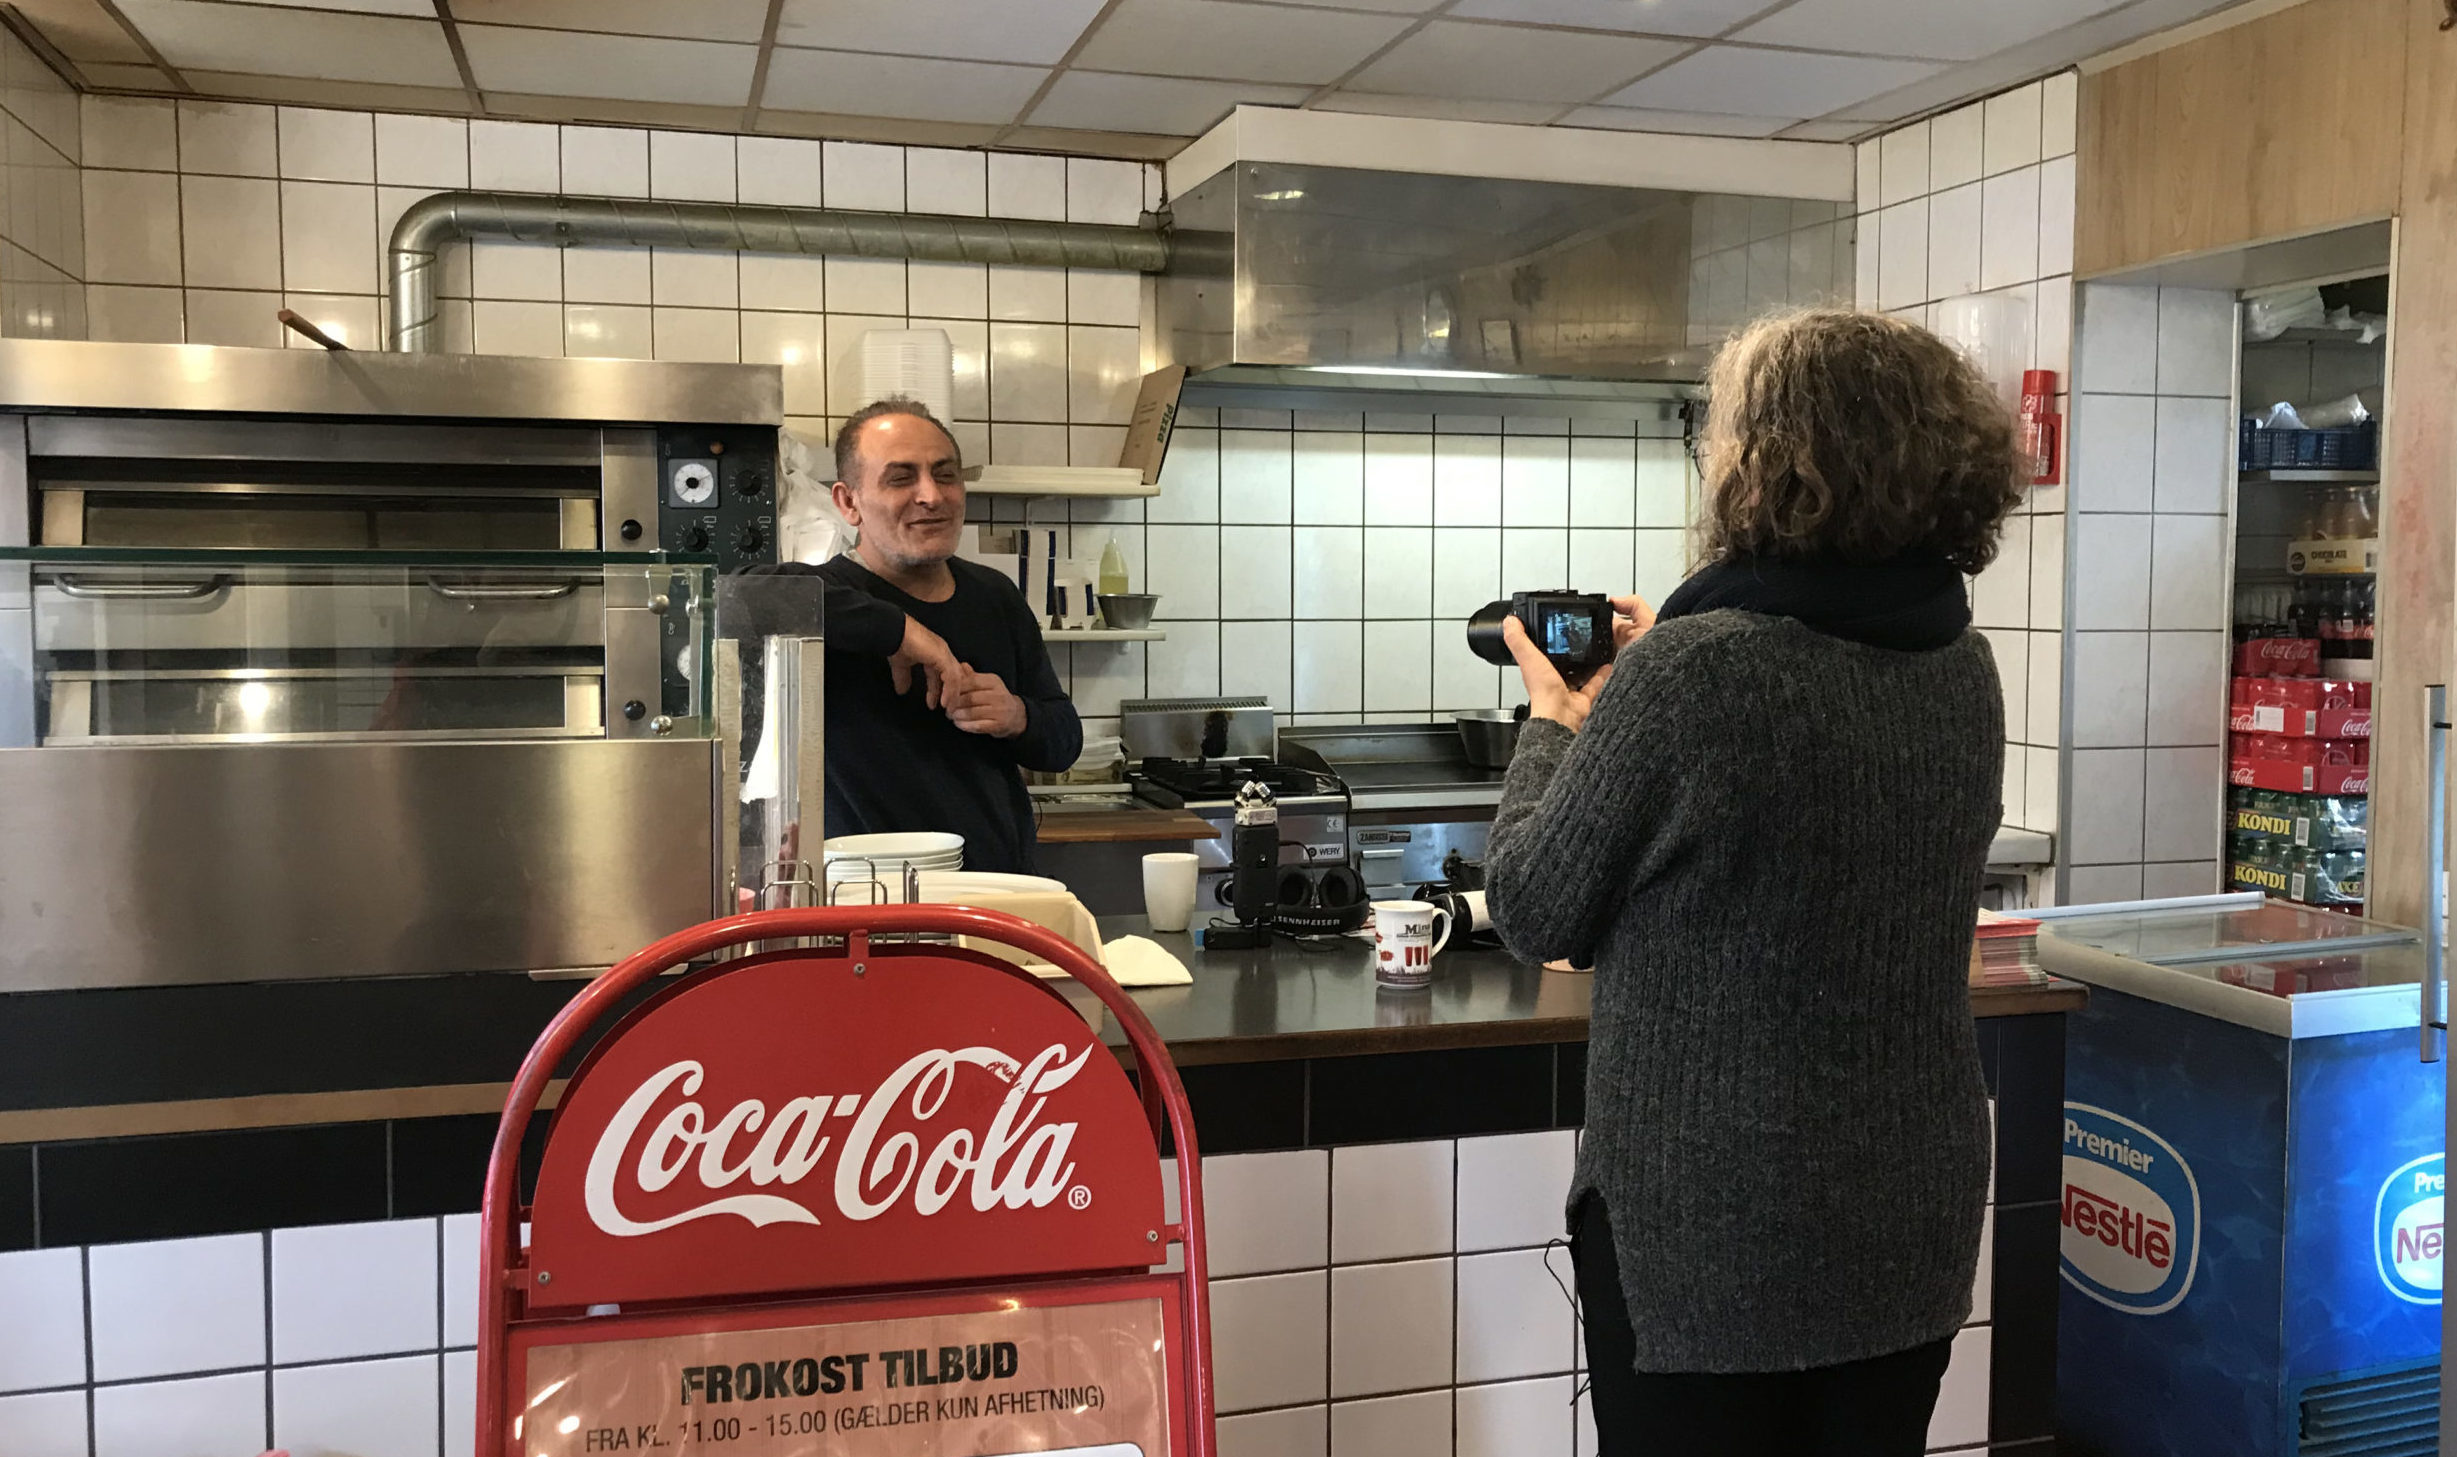 Kvinde filmer mand i pizzaria, hans arbejdsplads